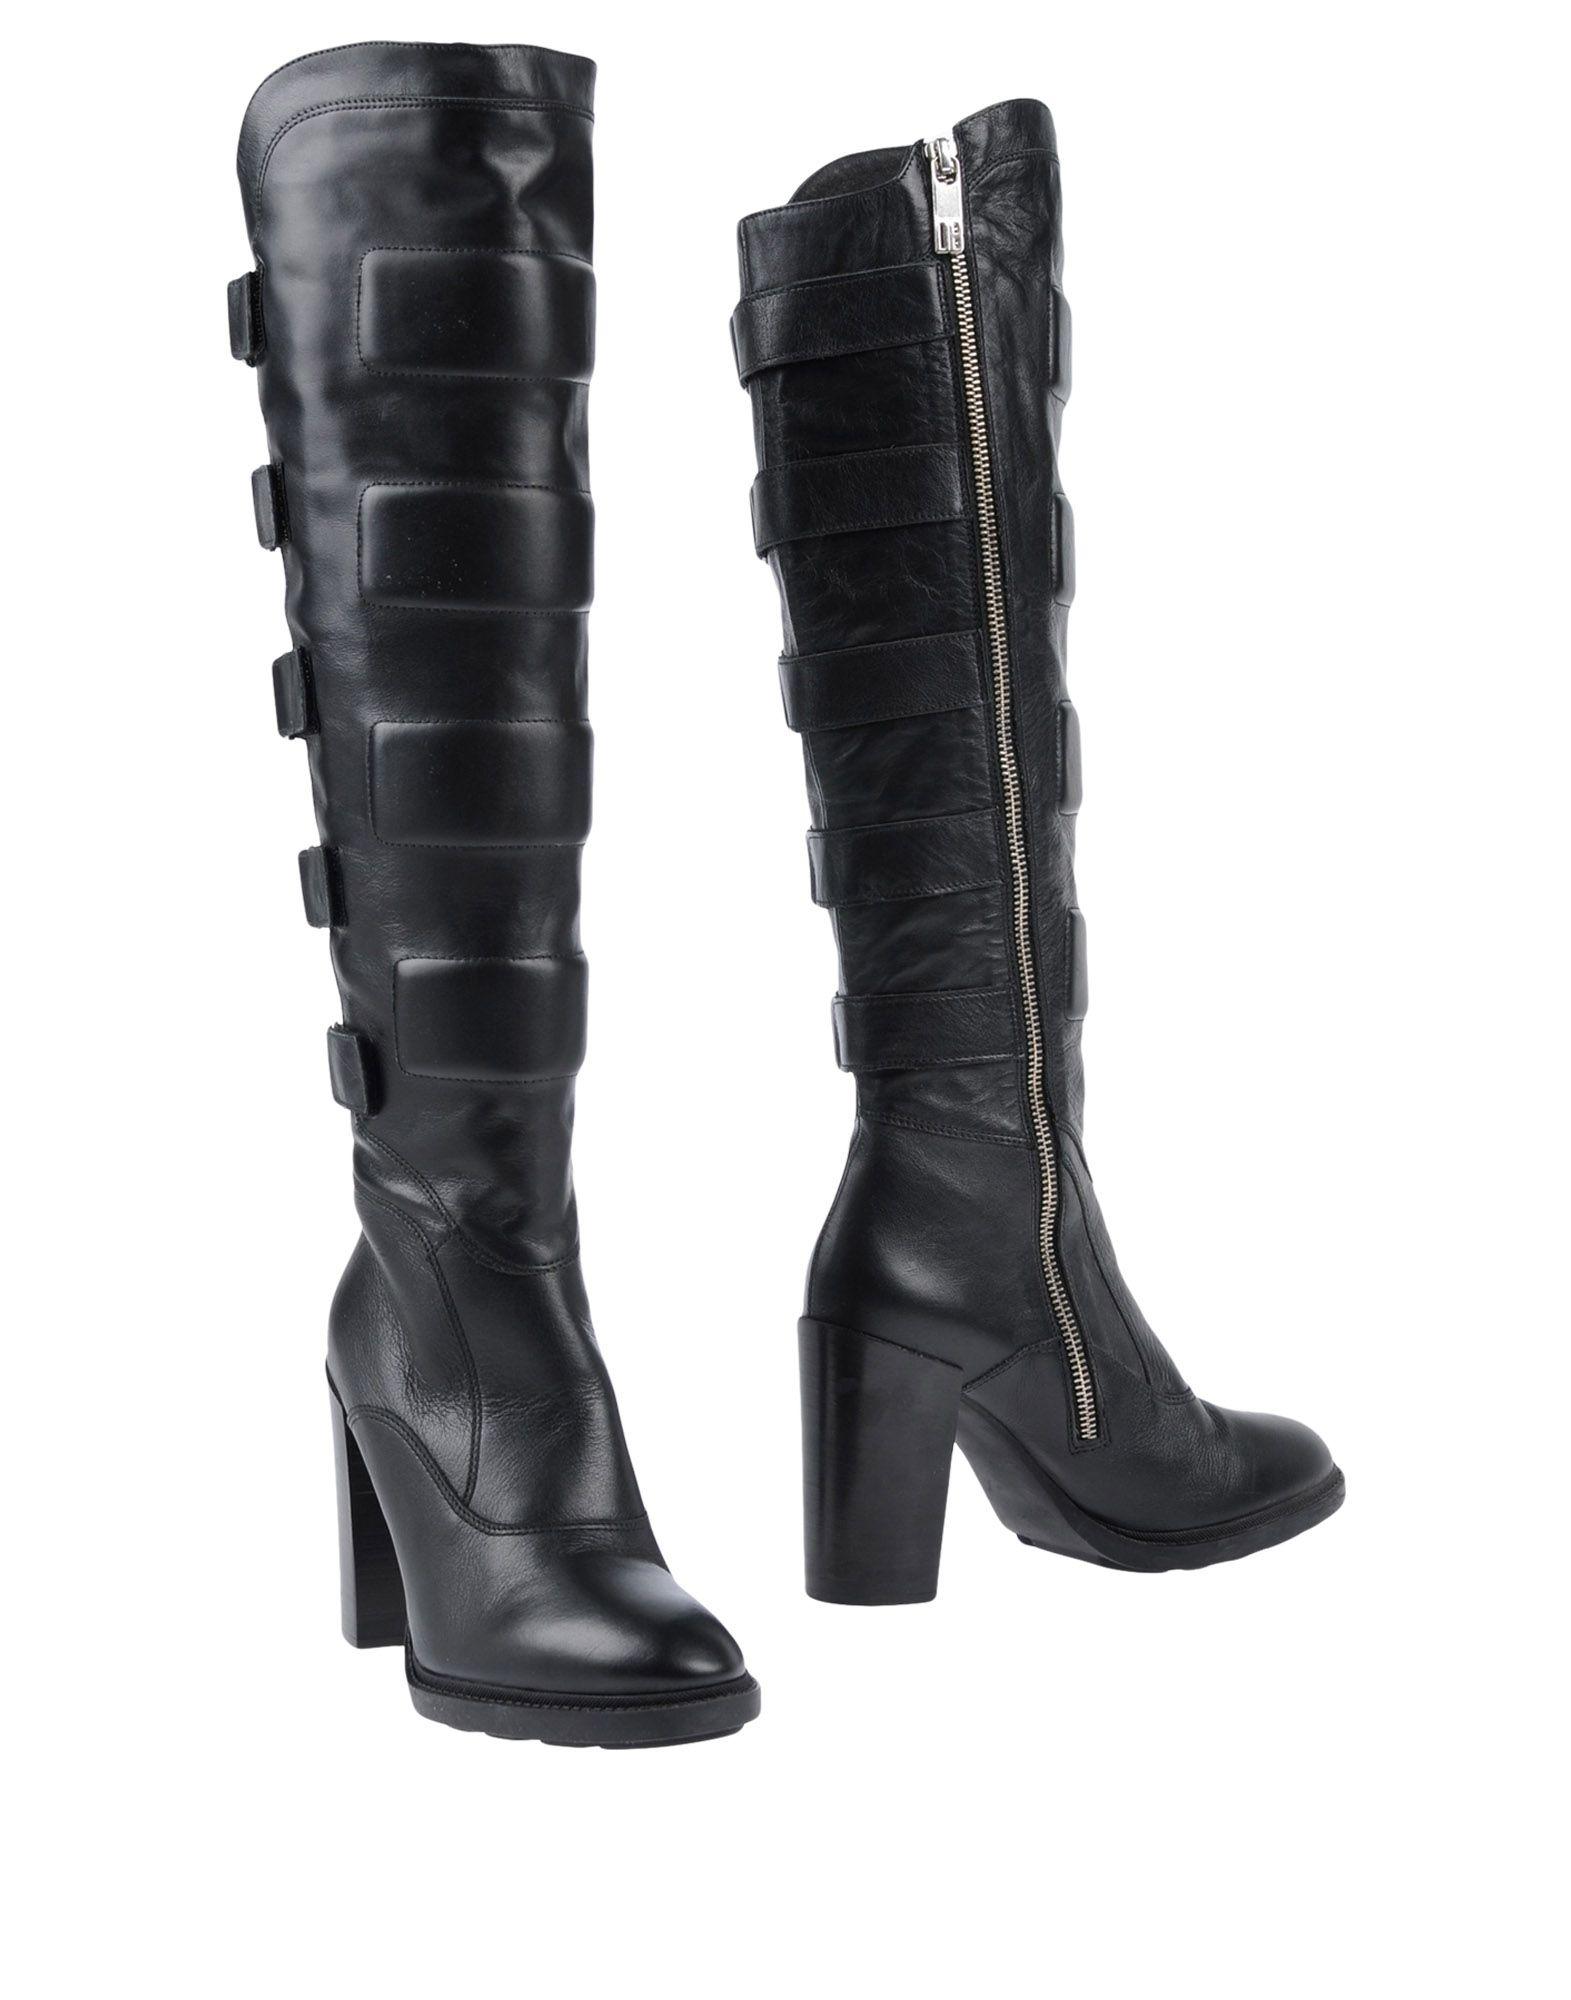 Billig-2726,Bikkembergs Stiefel lohnt Damen Gutes Preis-Leistungs-Verhältnis, es lohnt Stiefel sich 0dc3eb